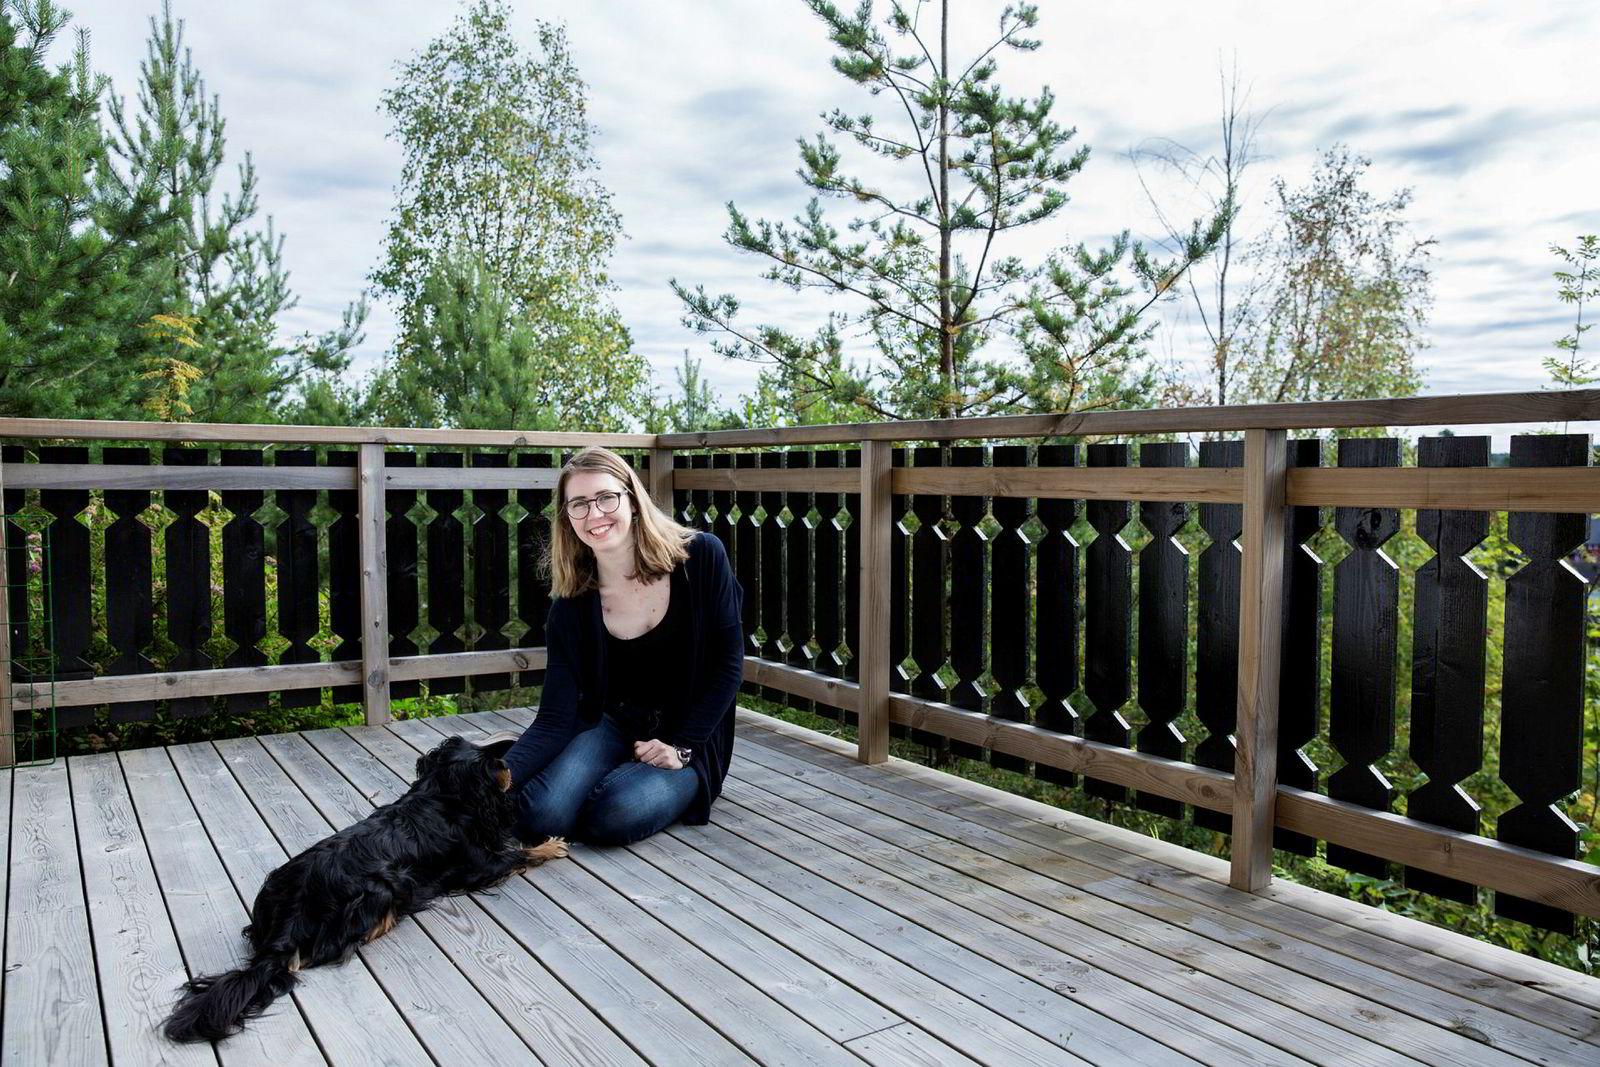 Julie Eldøy (22) fra Oppegård er lettet og fornøyd over å ha kommet inn på førstevalget Informatikk: digital økonomi og ledelse ved UiO. Her sammen med hunden Pondus.